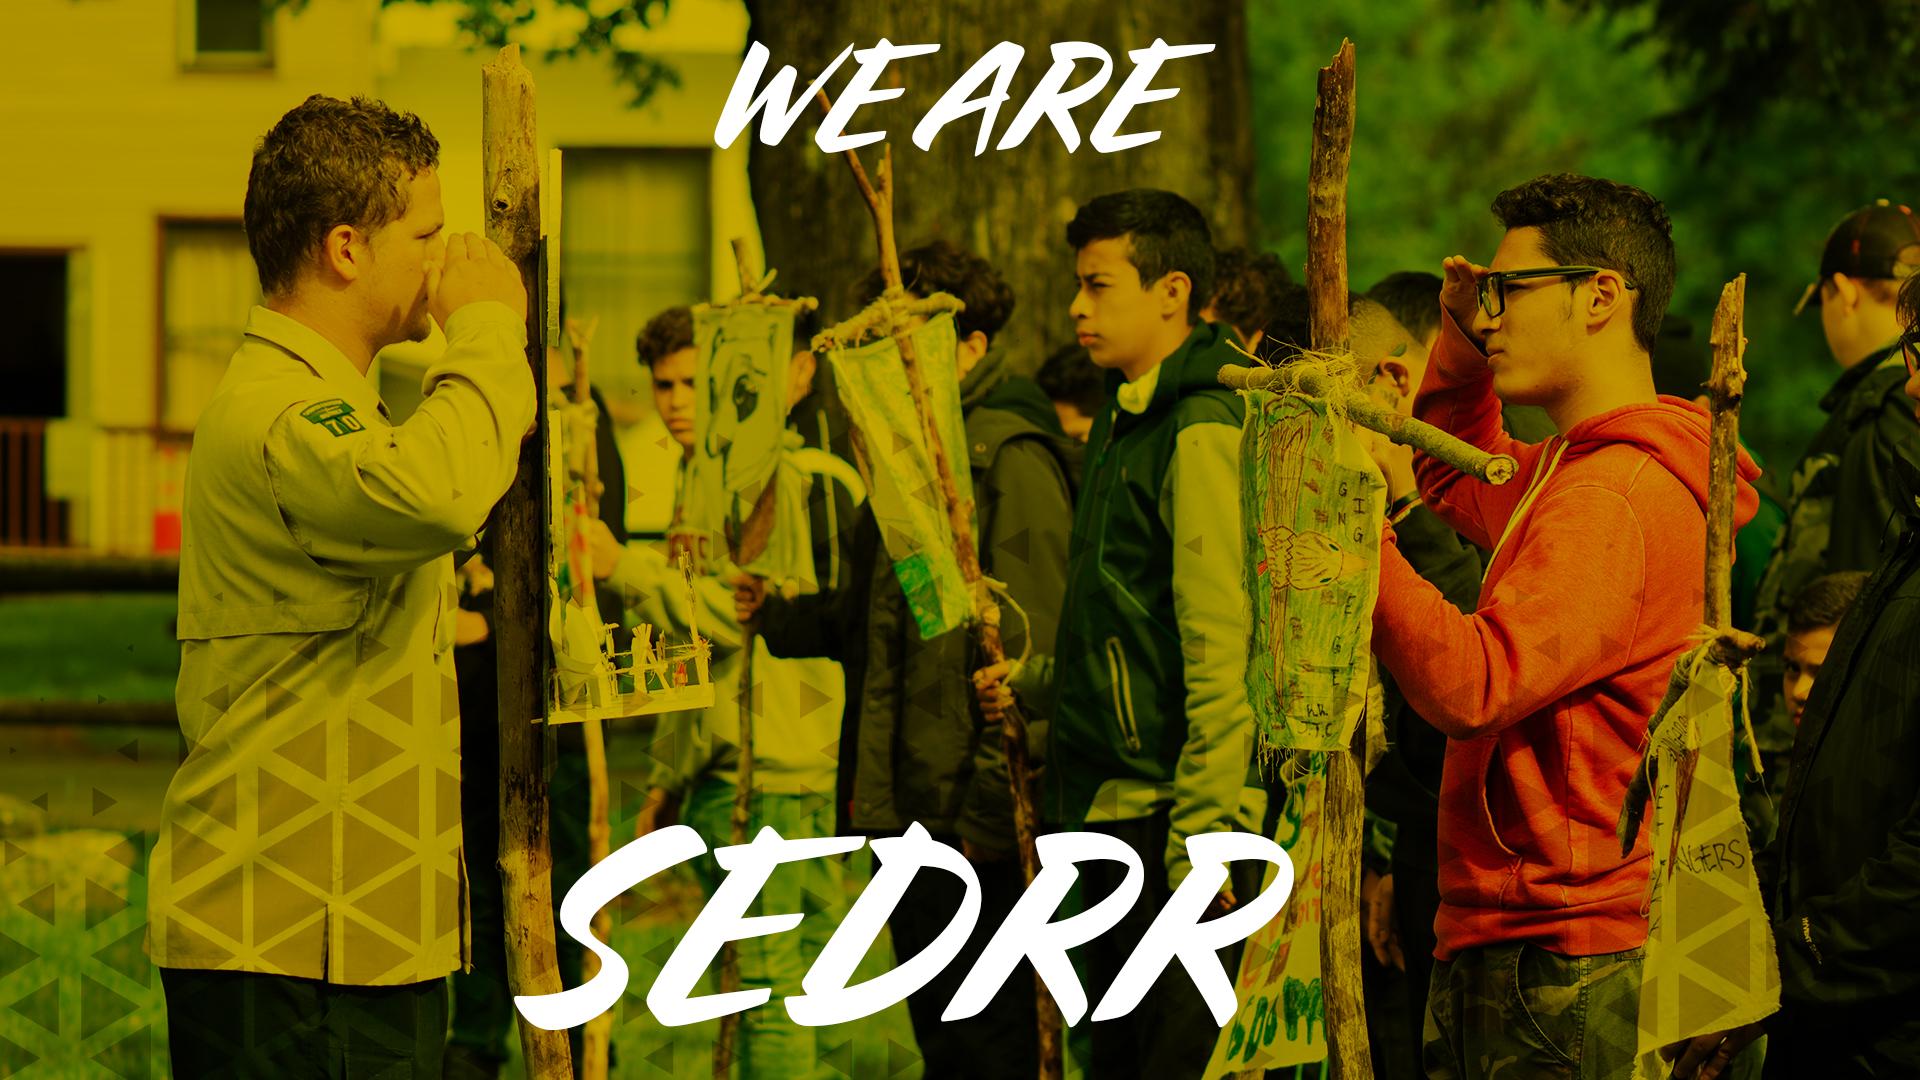 we_are_sedrr_2.jpg